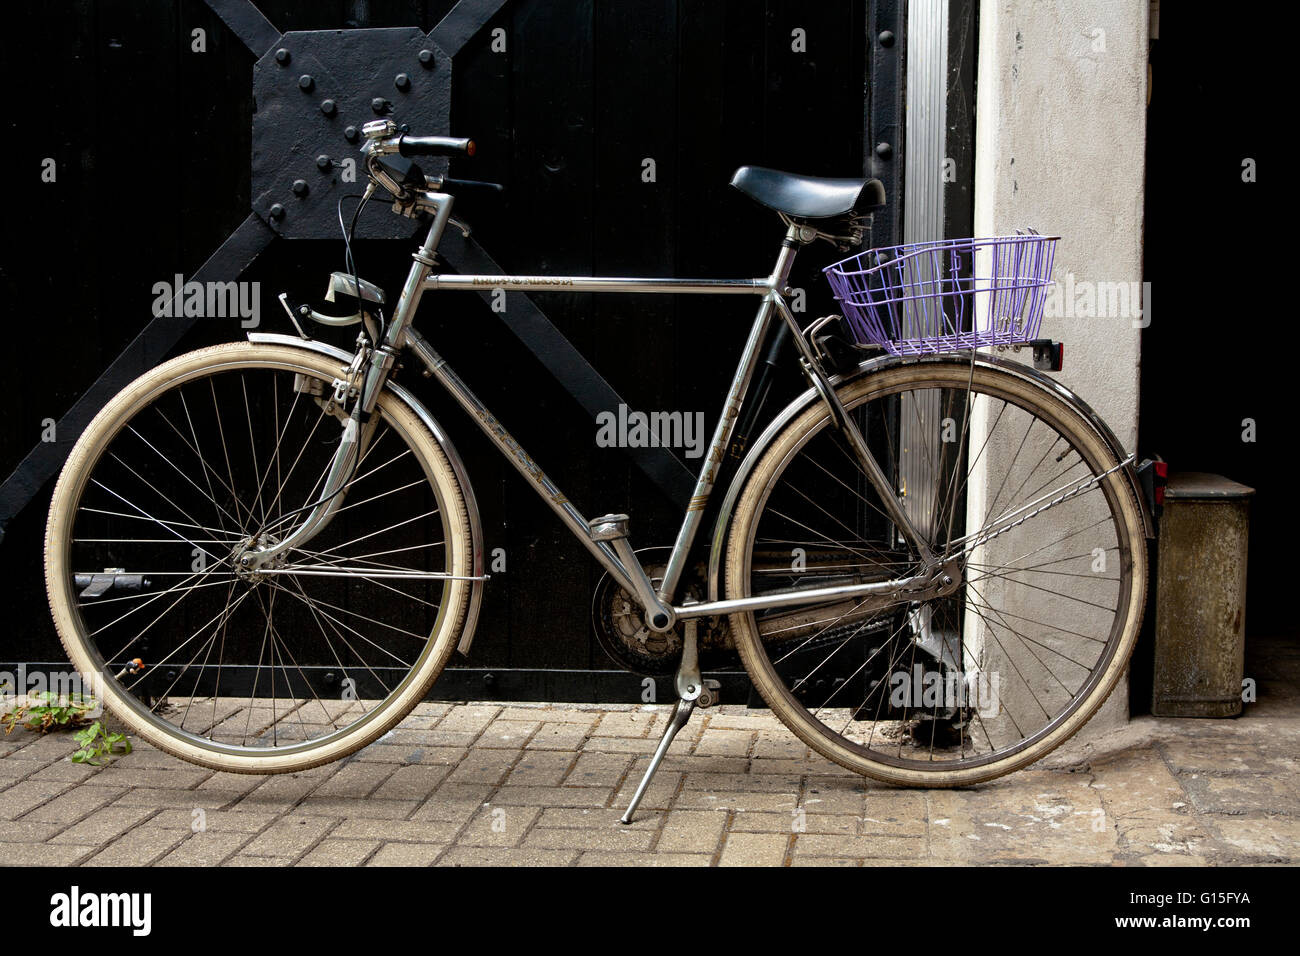 DEU, Germnay, Ruhr area, Bochum, bicycle. - Stock Image